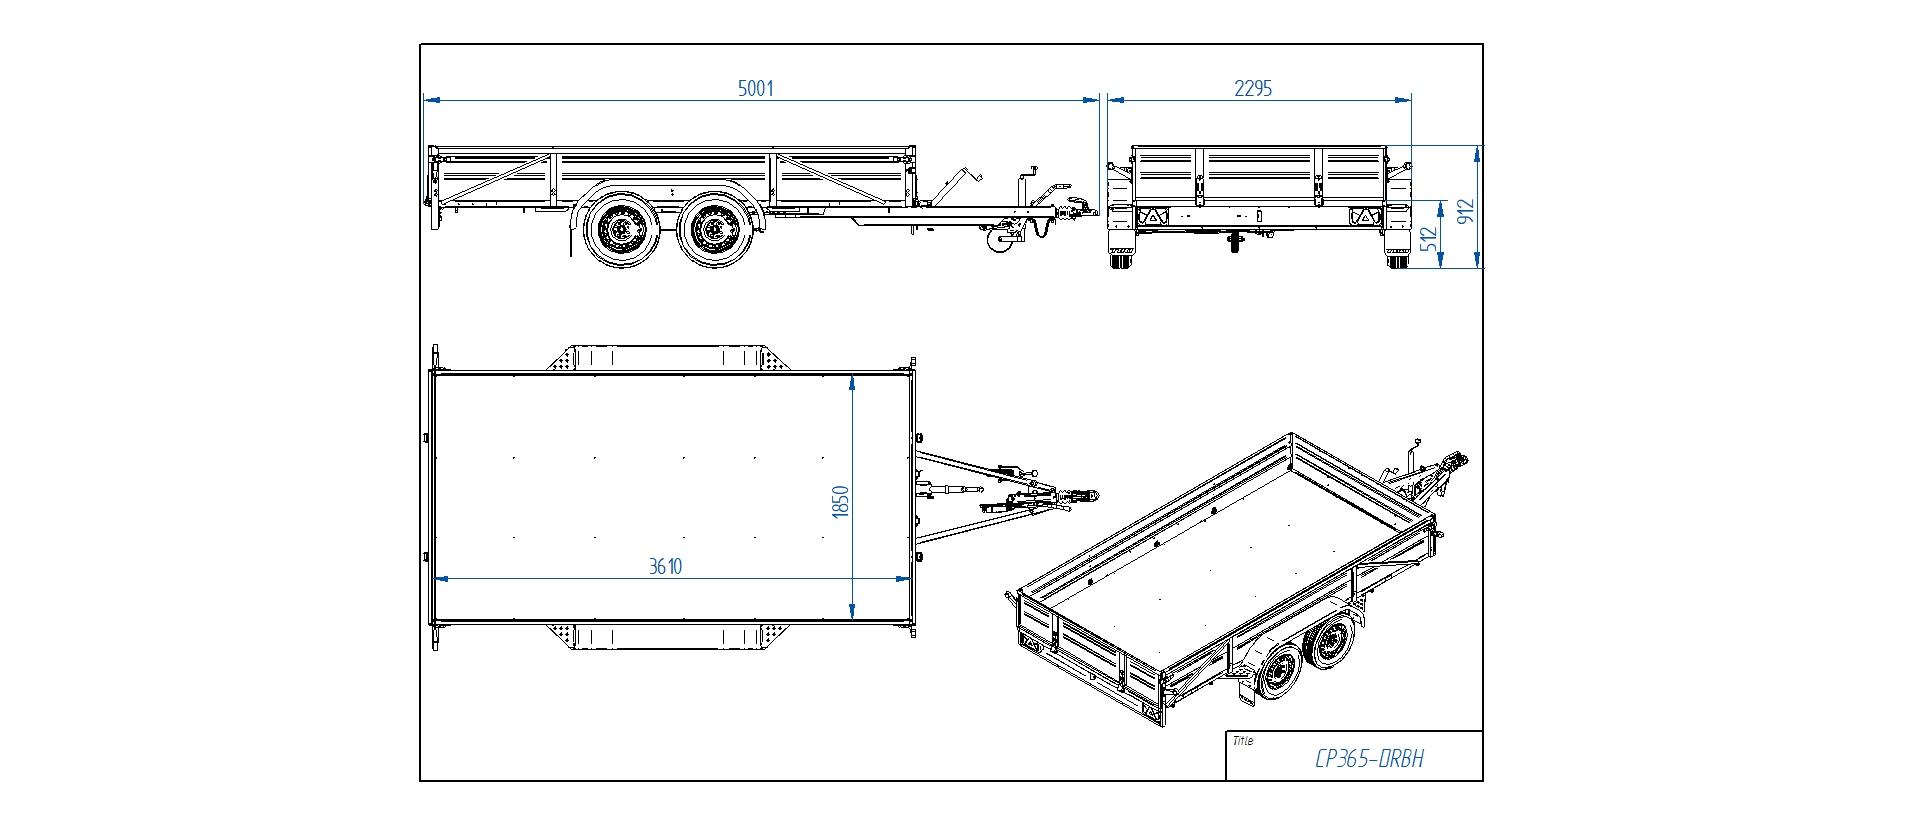 CP365-DRBH  [Priekabų standartinė įranga gali skirtis nuo pavaizduotos komplektacijos paveiksliuke]